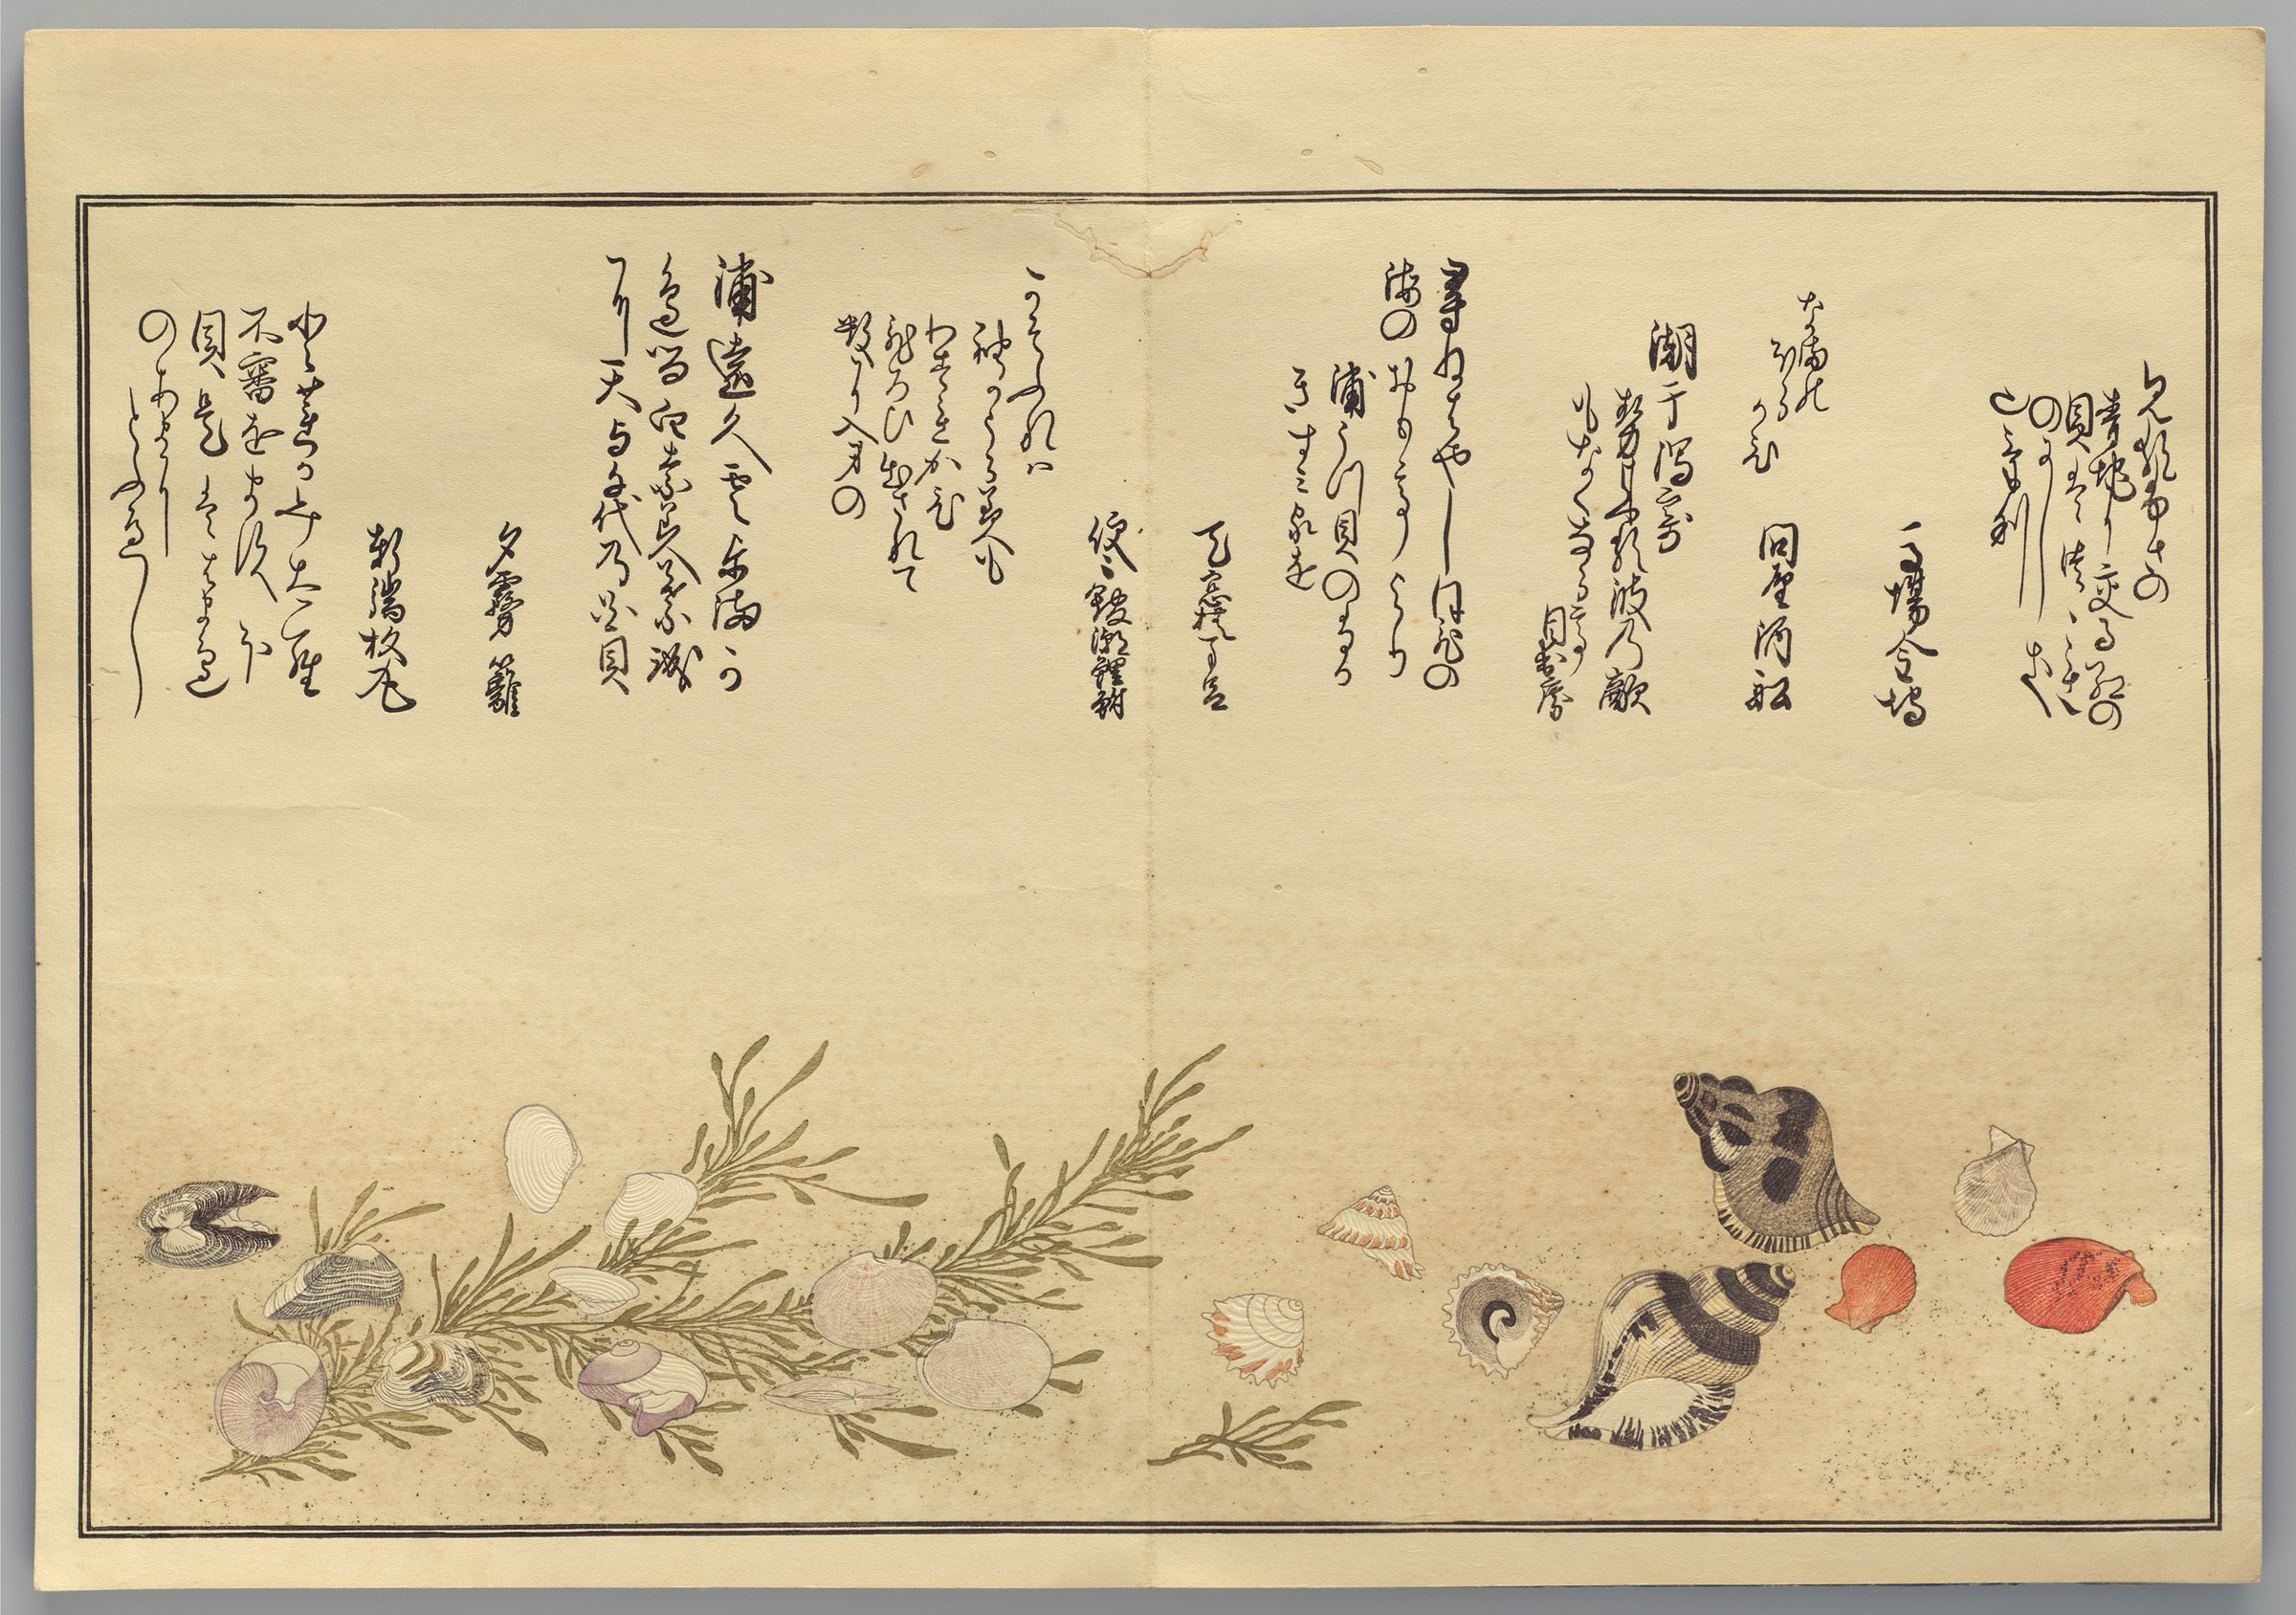 Page from the woodblock-printed book by Kitagawa Utamaro depicting seashells and seaweed.